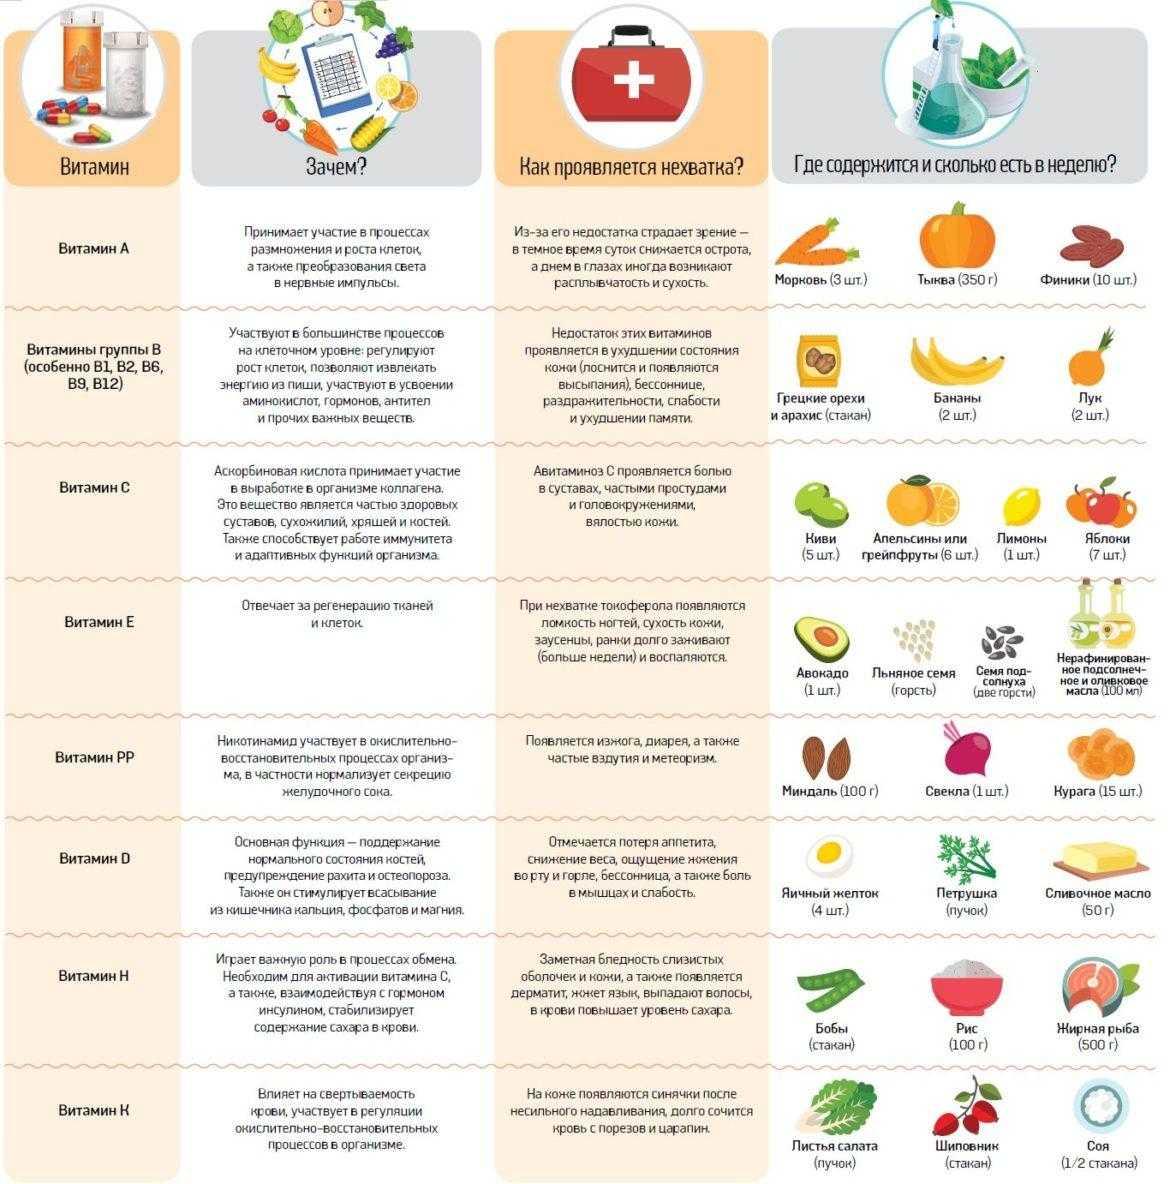 Авитаминоз: симптомы гиповитаминоза, недостаток витаминов у взрослых и детей - medside.ru